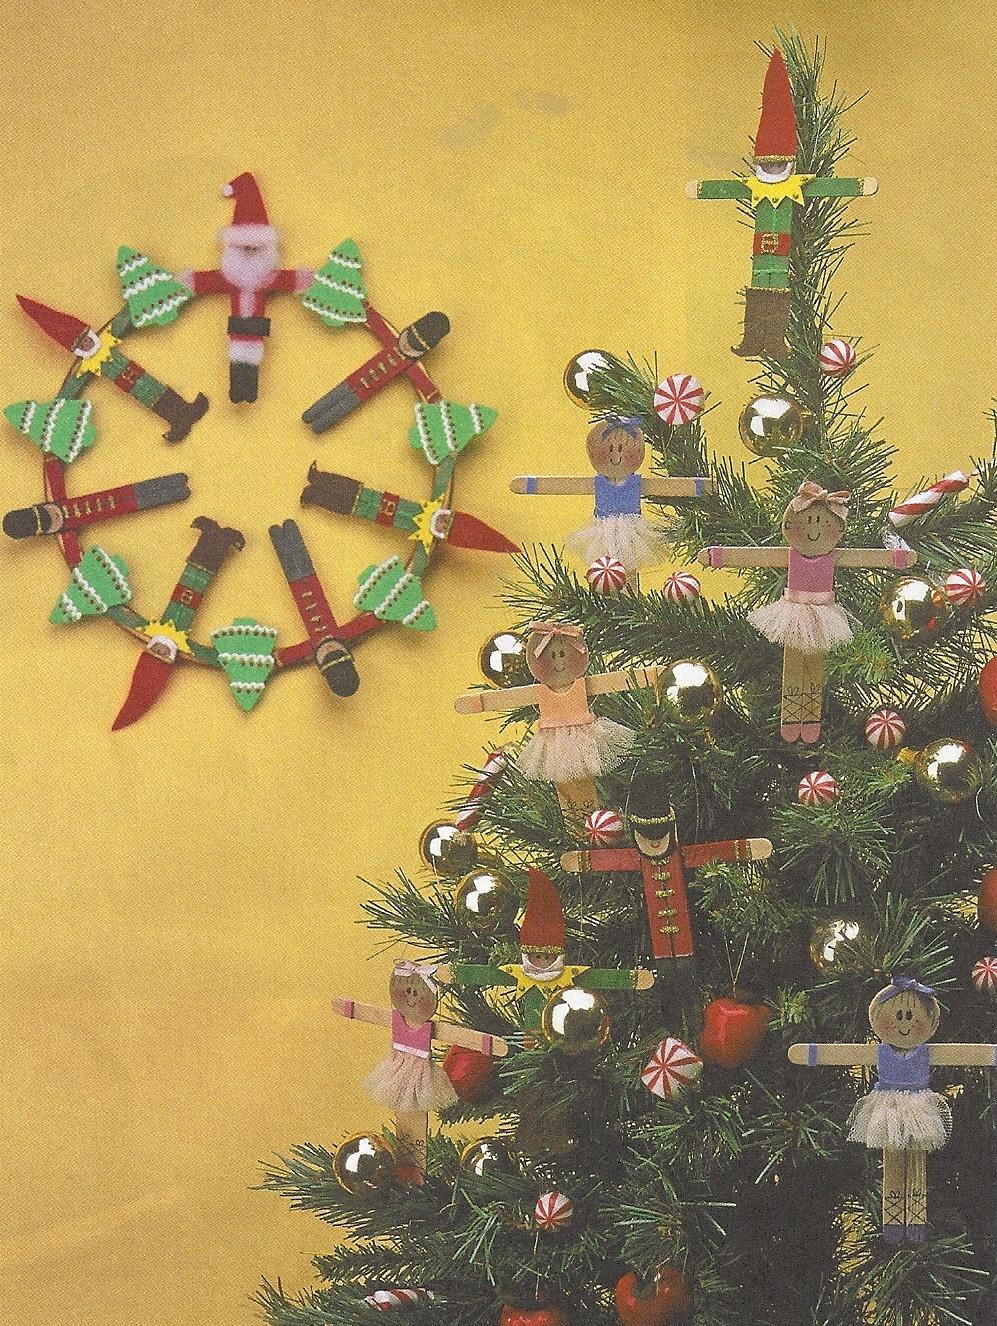 Detodomanualidades como hacer adornos navide os con reciclaje - Como realizar adornos navidenos ...